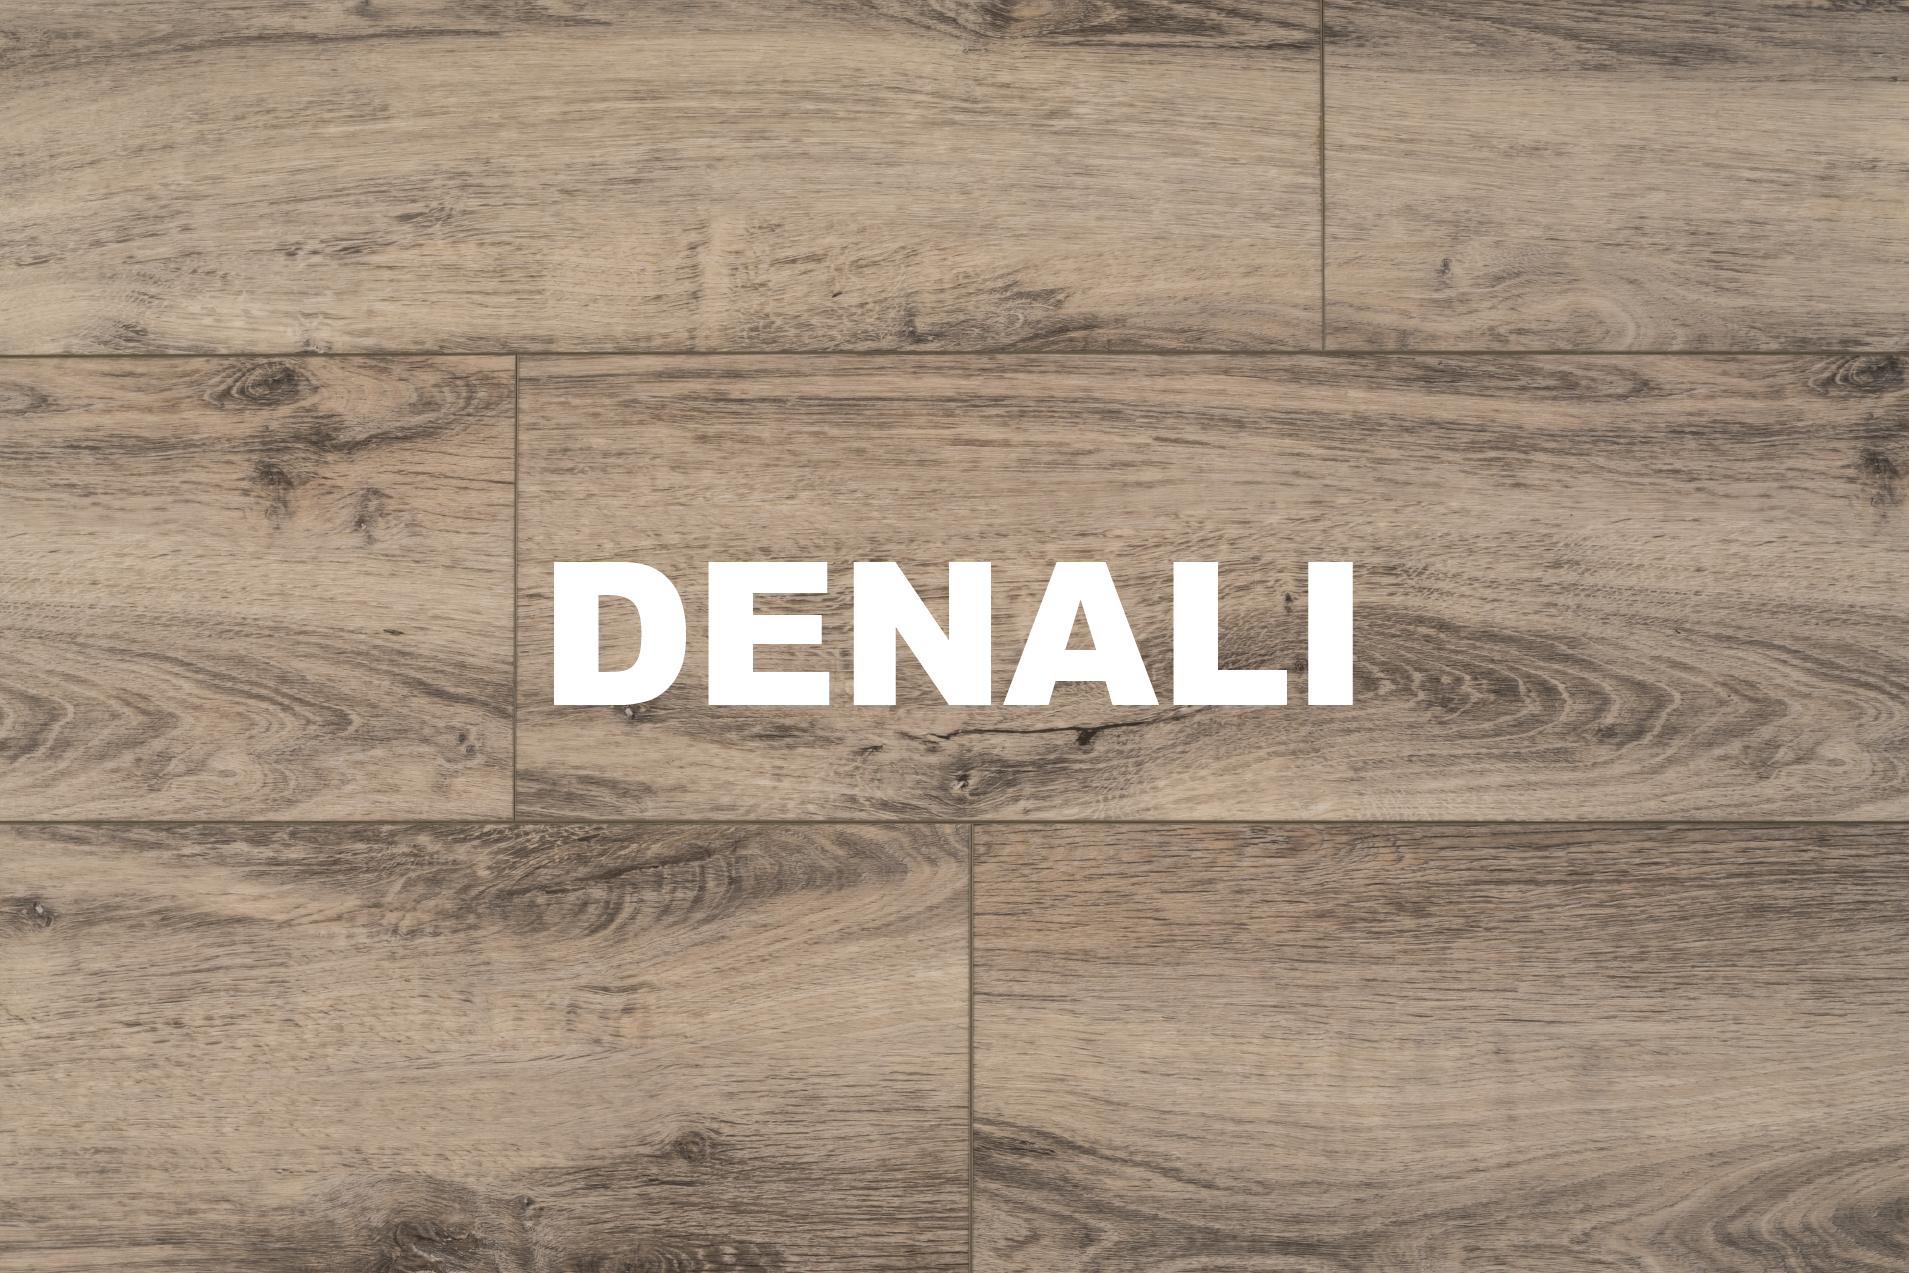 Denali.png